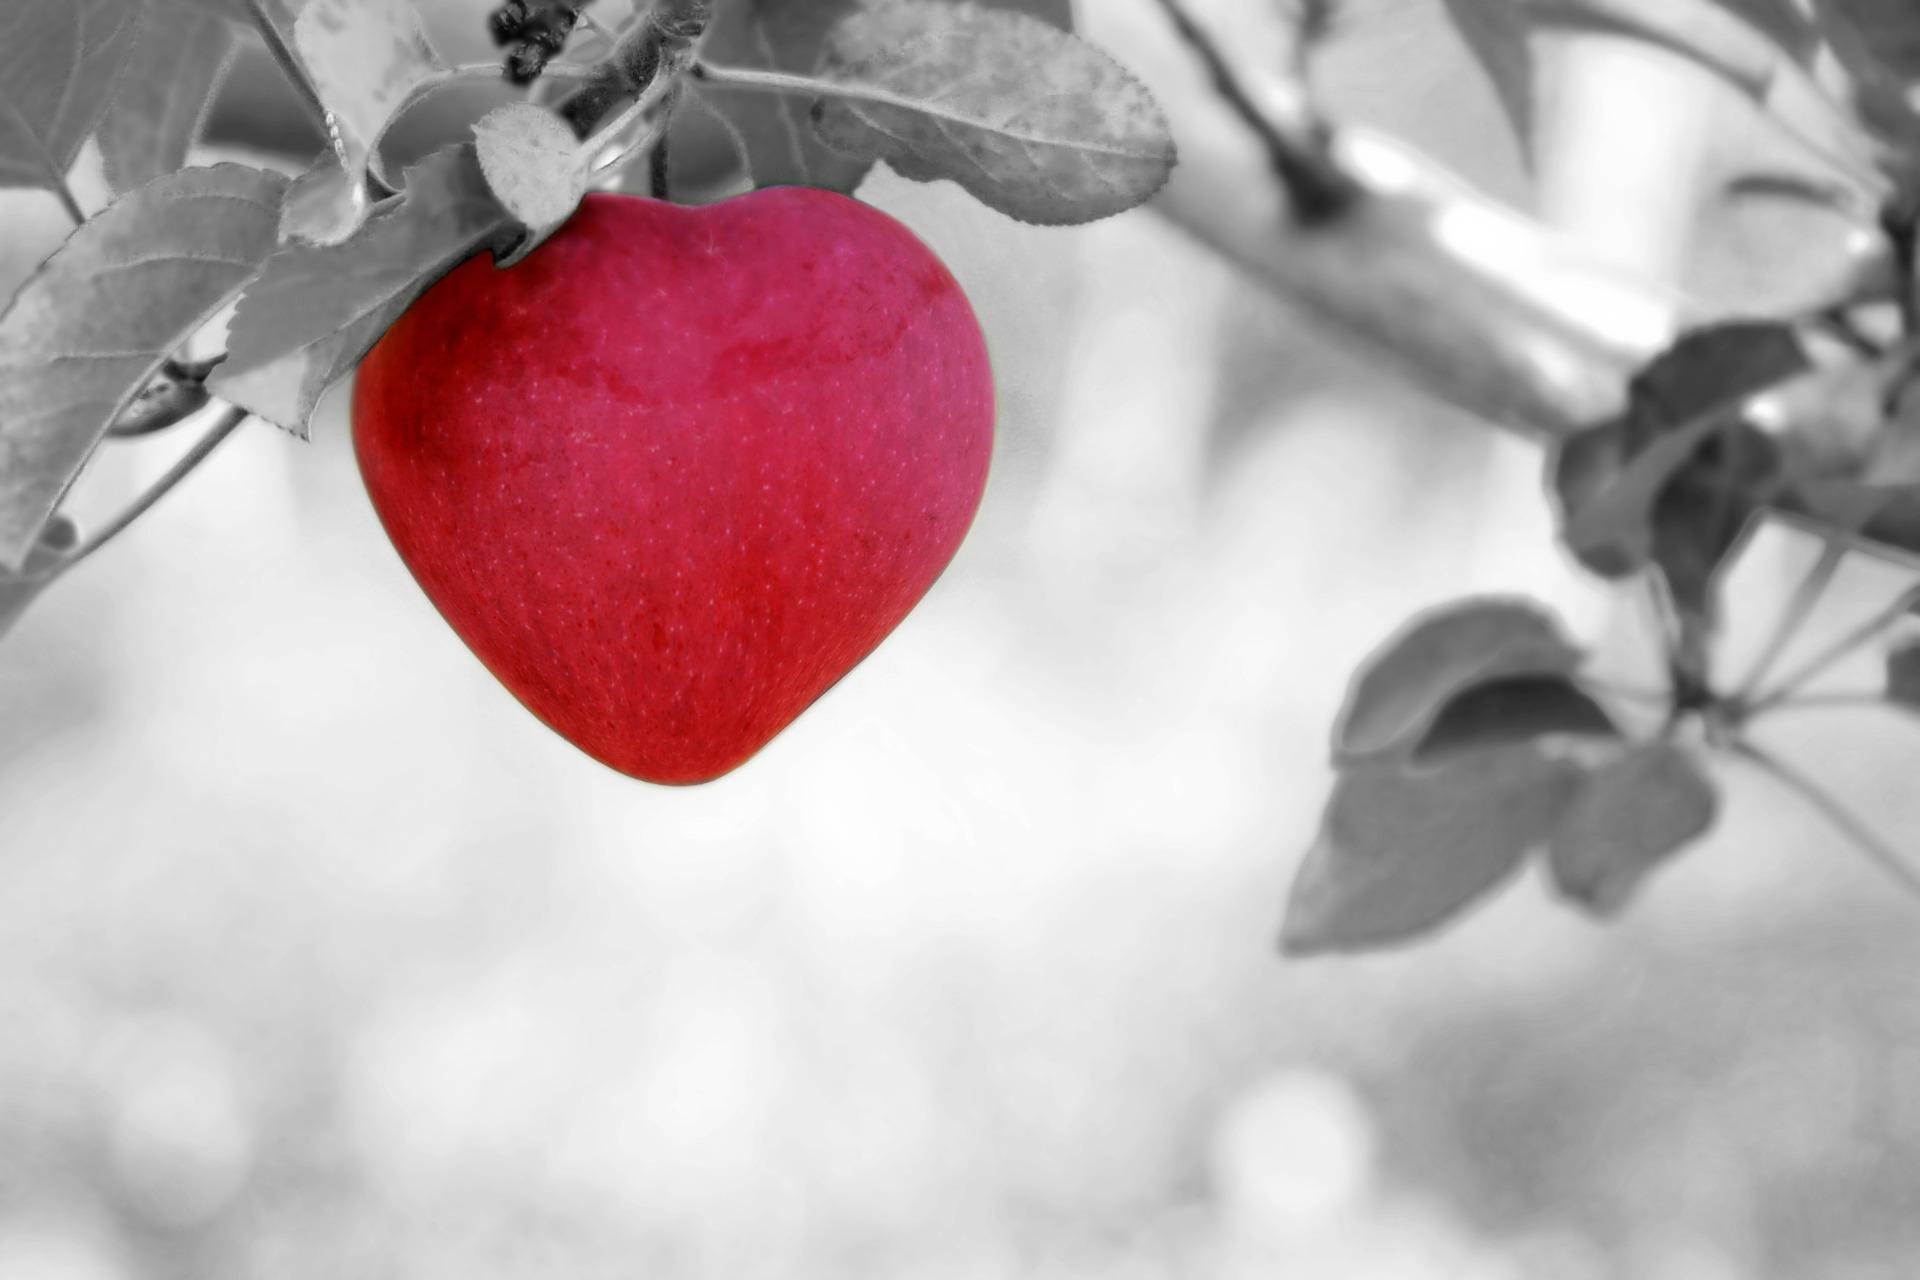 Liebe, Herz, Obst, Apple, Baum - Wallpaper HD - Prof.-falken.com